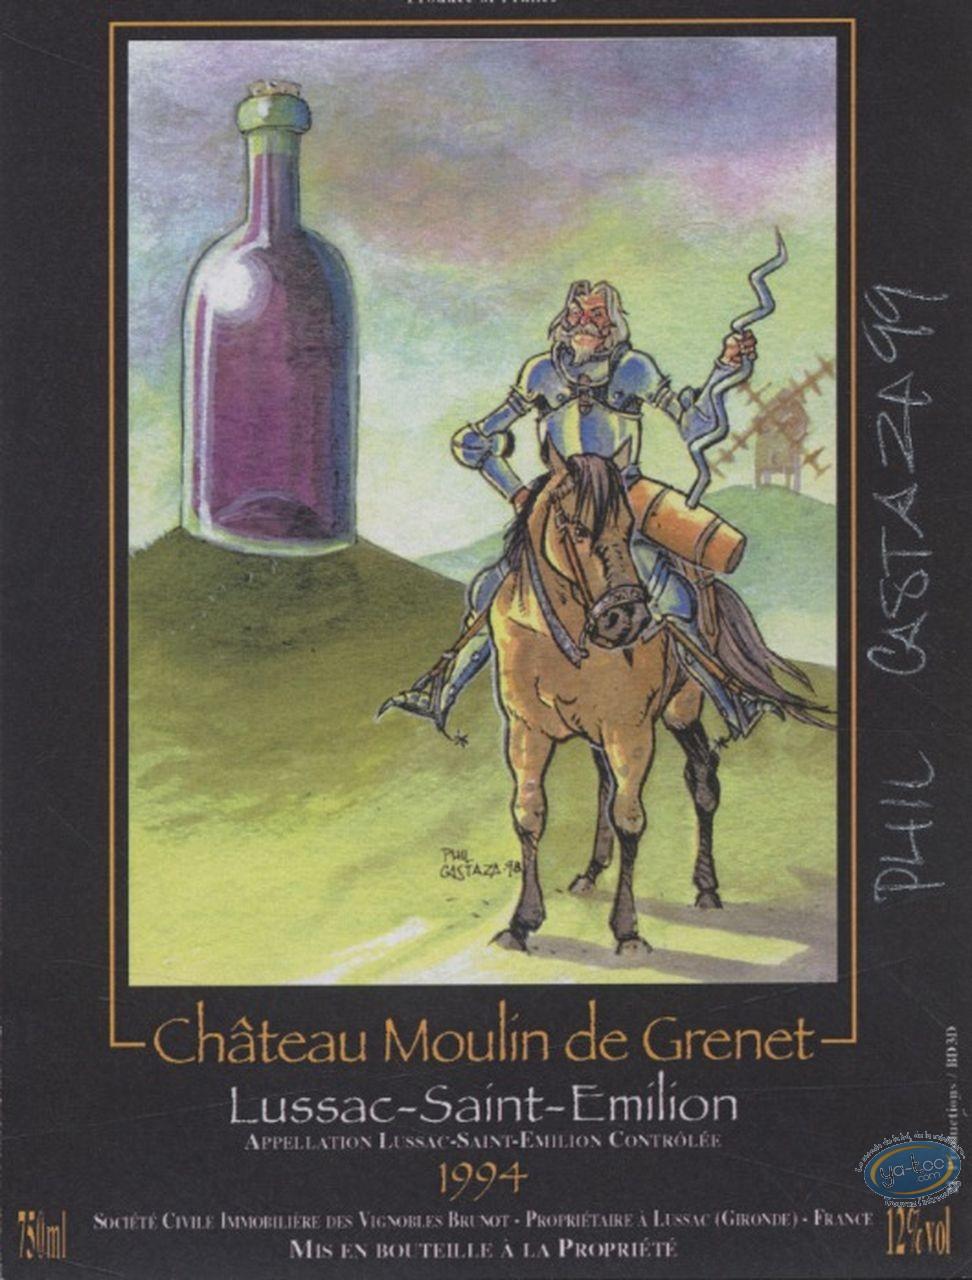 Wine Label, Don Quichotte - Chateau Moulin de Grenet 1994